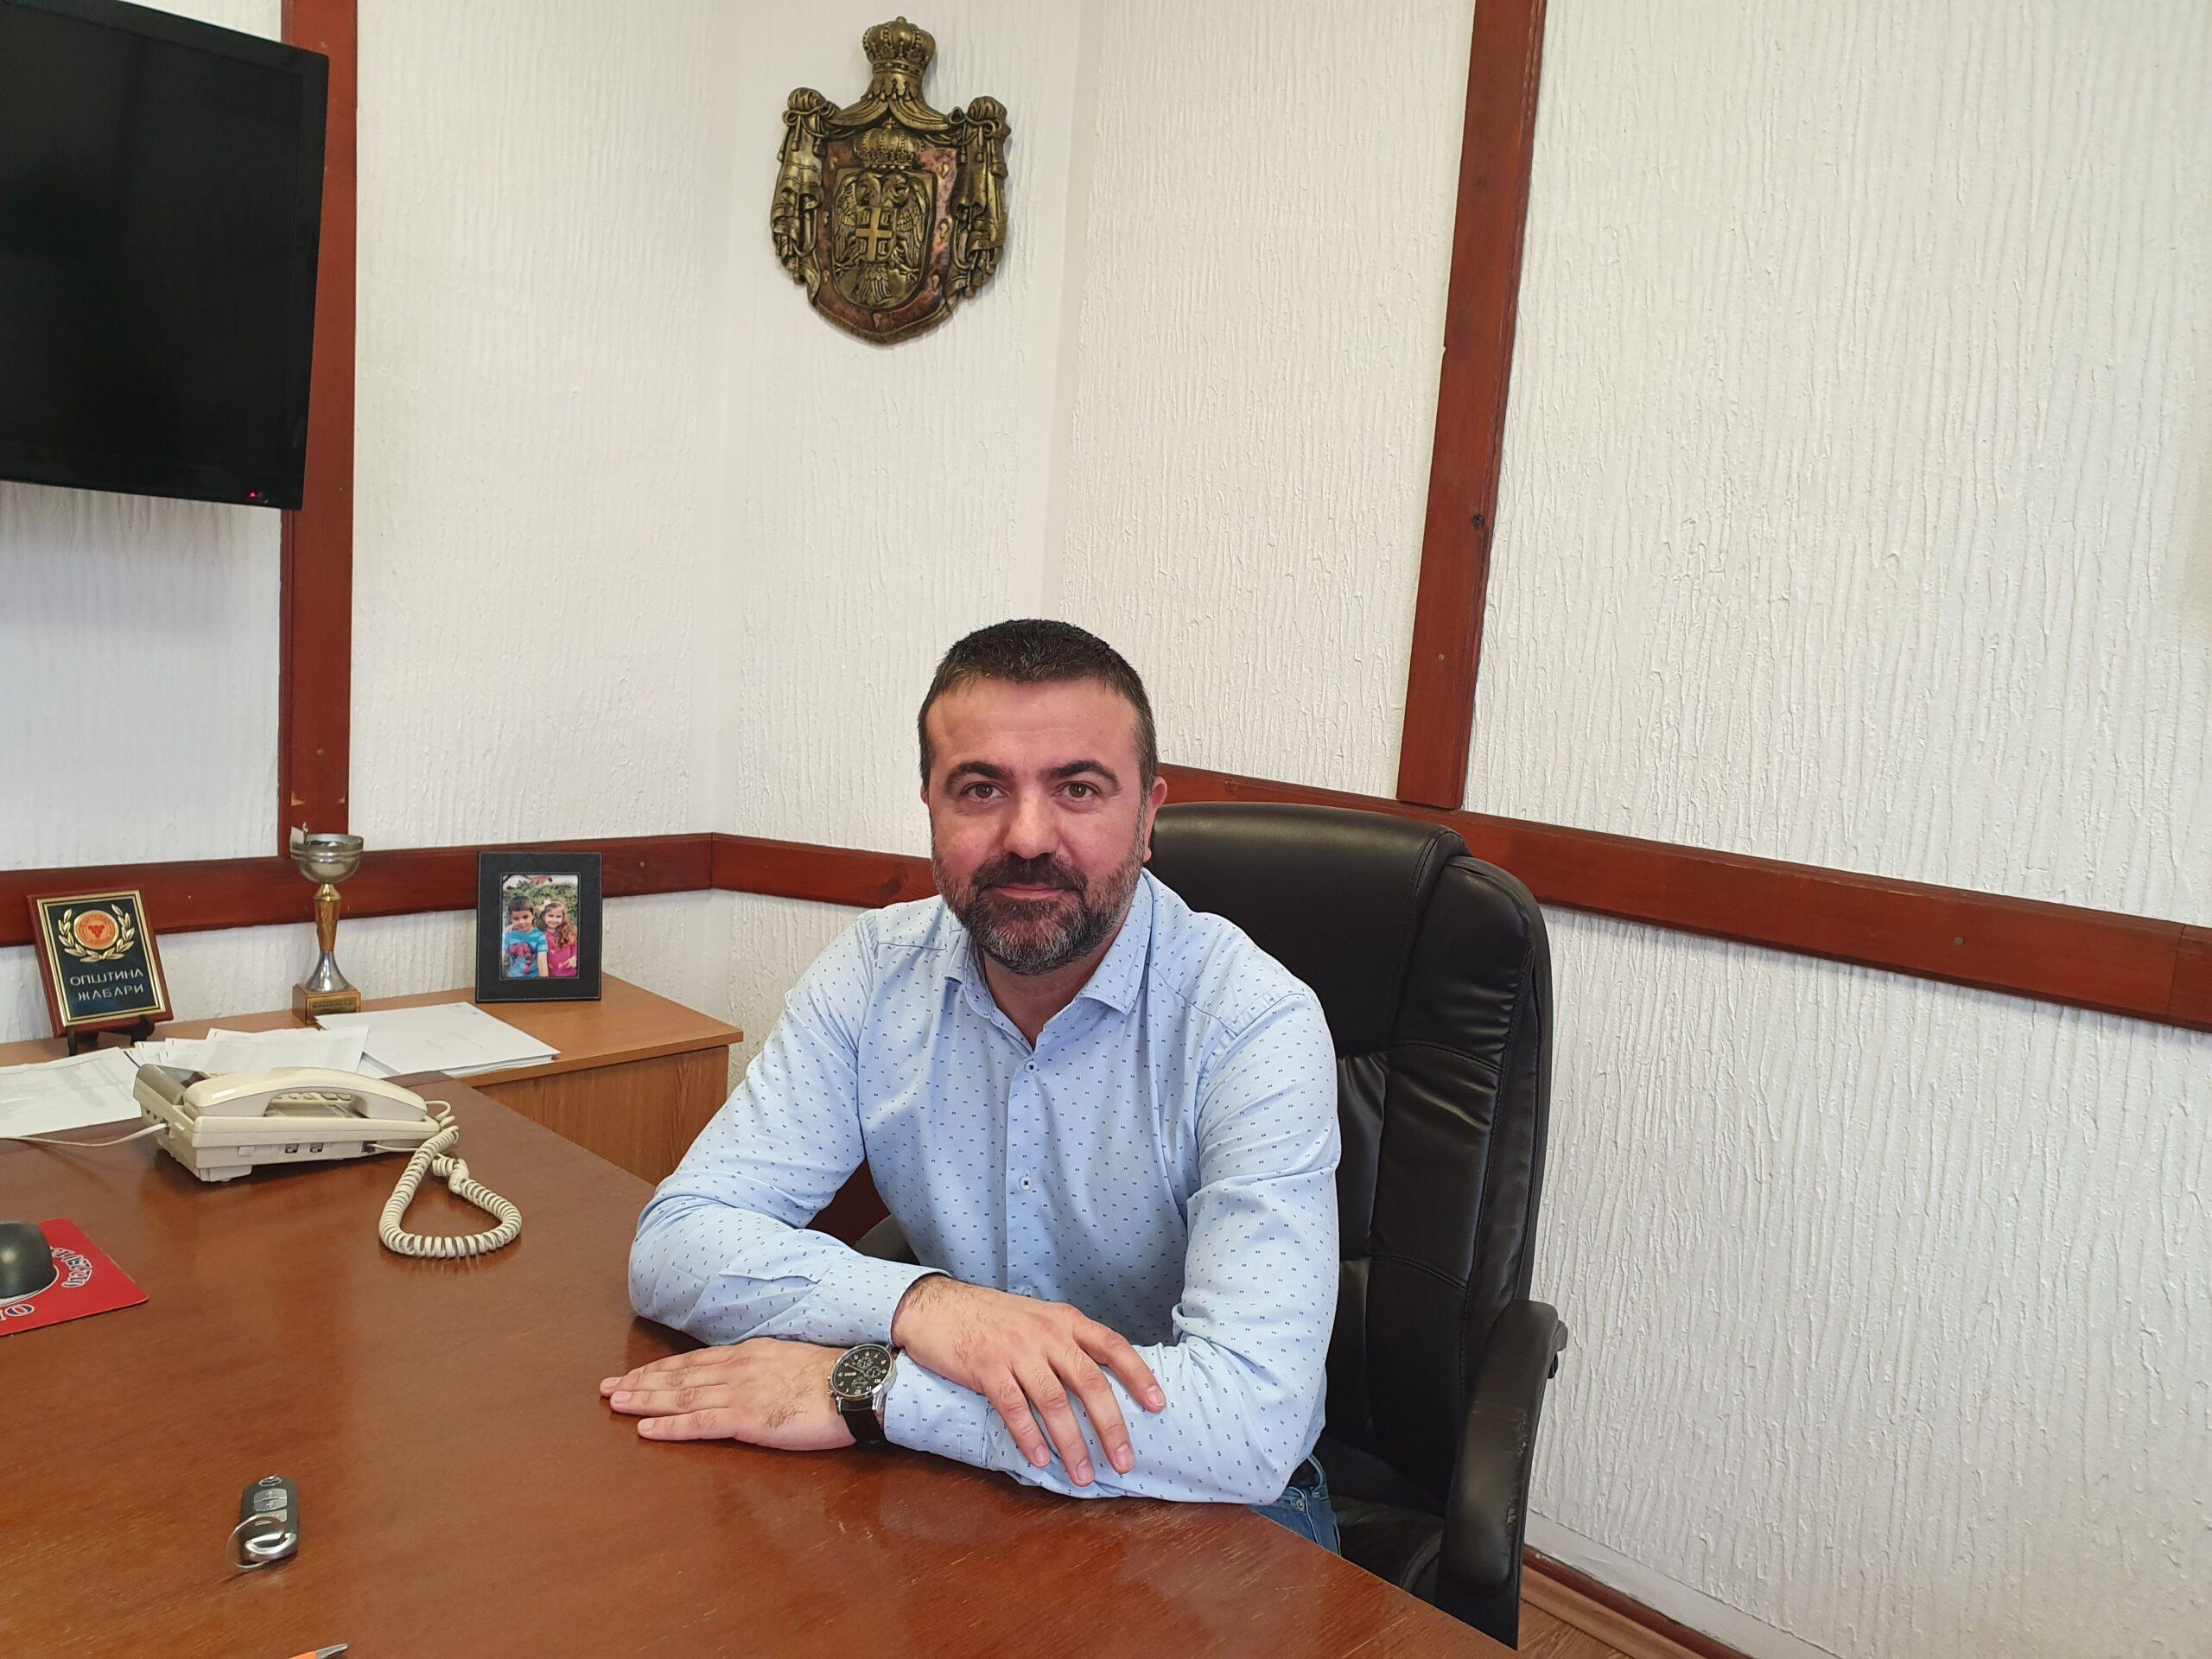 INTERVJU: Predsednik opštine Žabari Jovan Lukić - nastavljamo razvoj opštine 41450